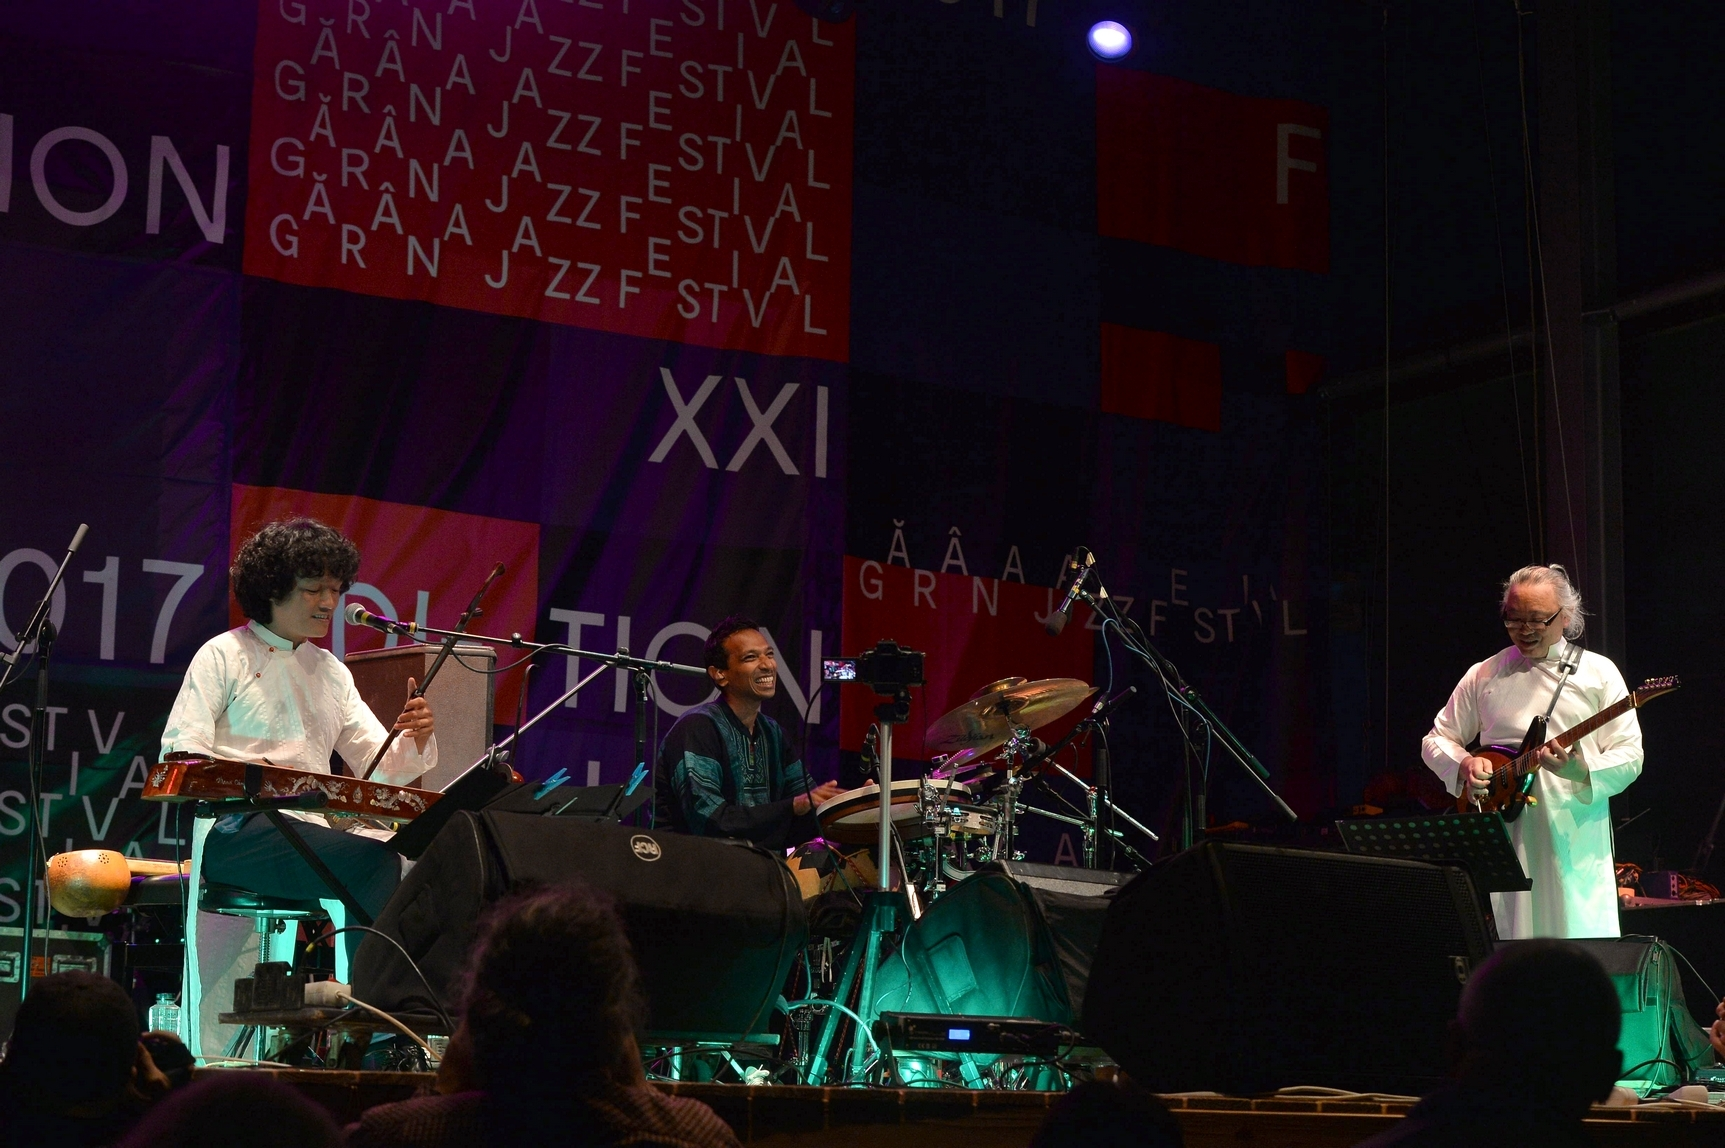 Ha Noi Duo at Garana Jazz Festival 2017